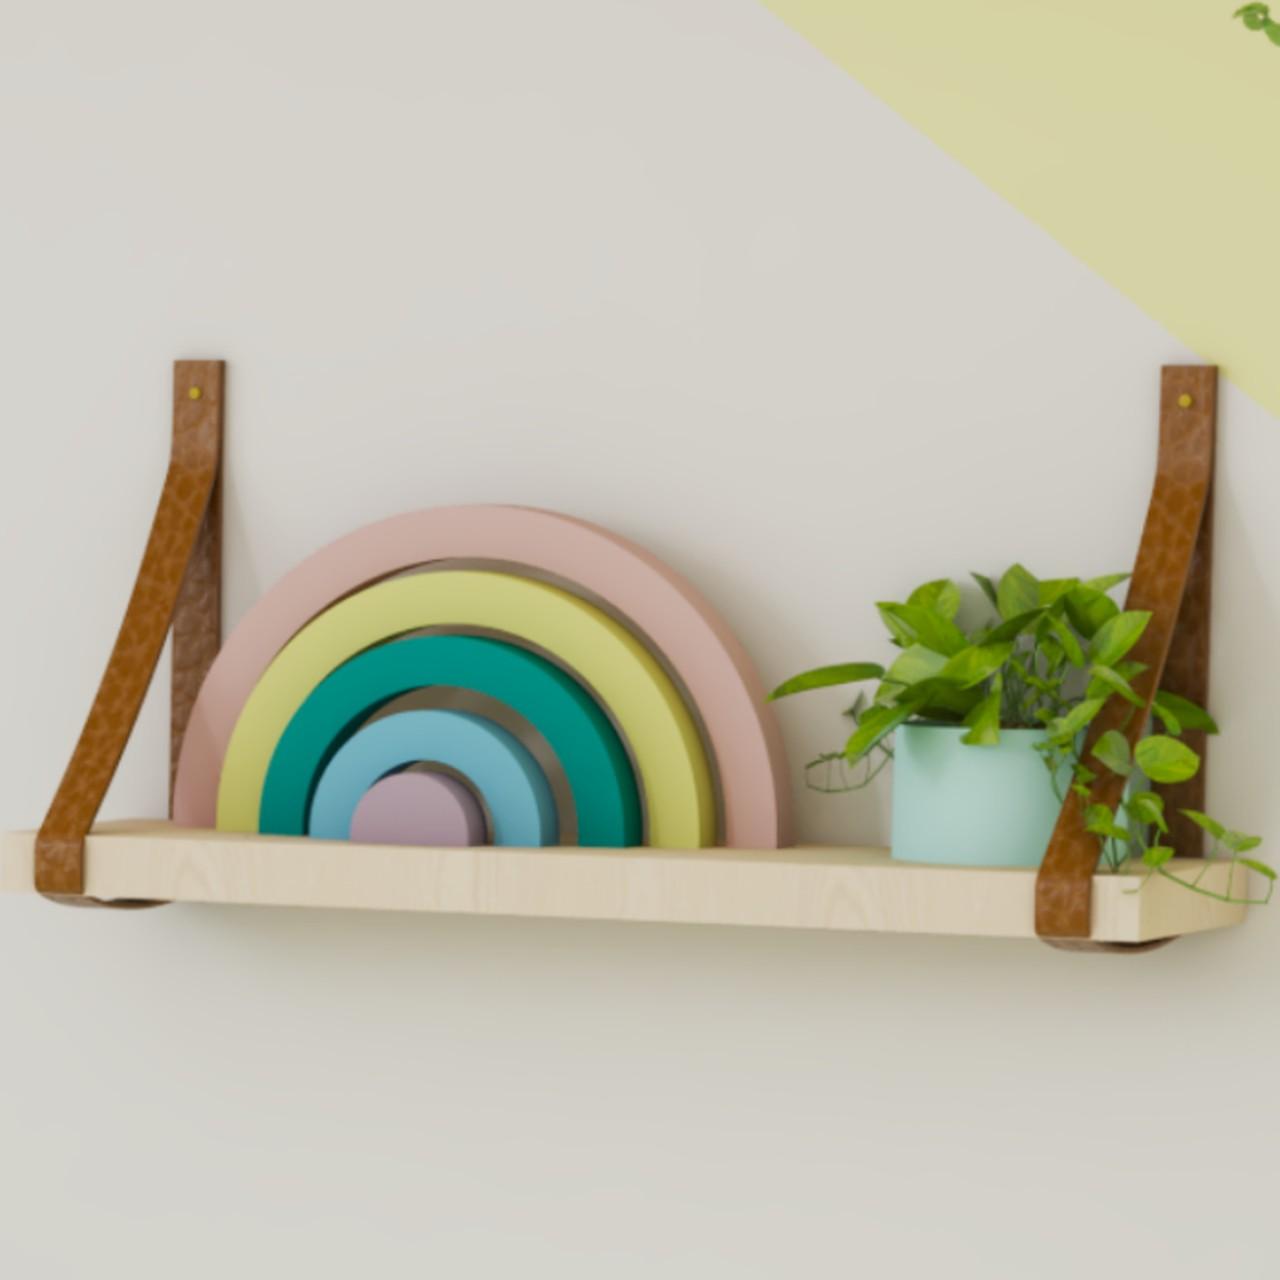 Adorno, enfeite de madeira arco íris para quarto infantil :)